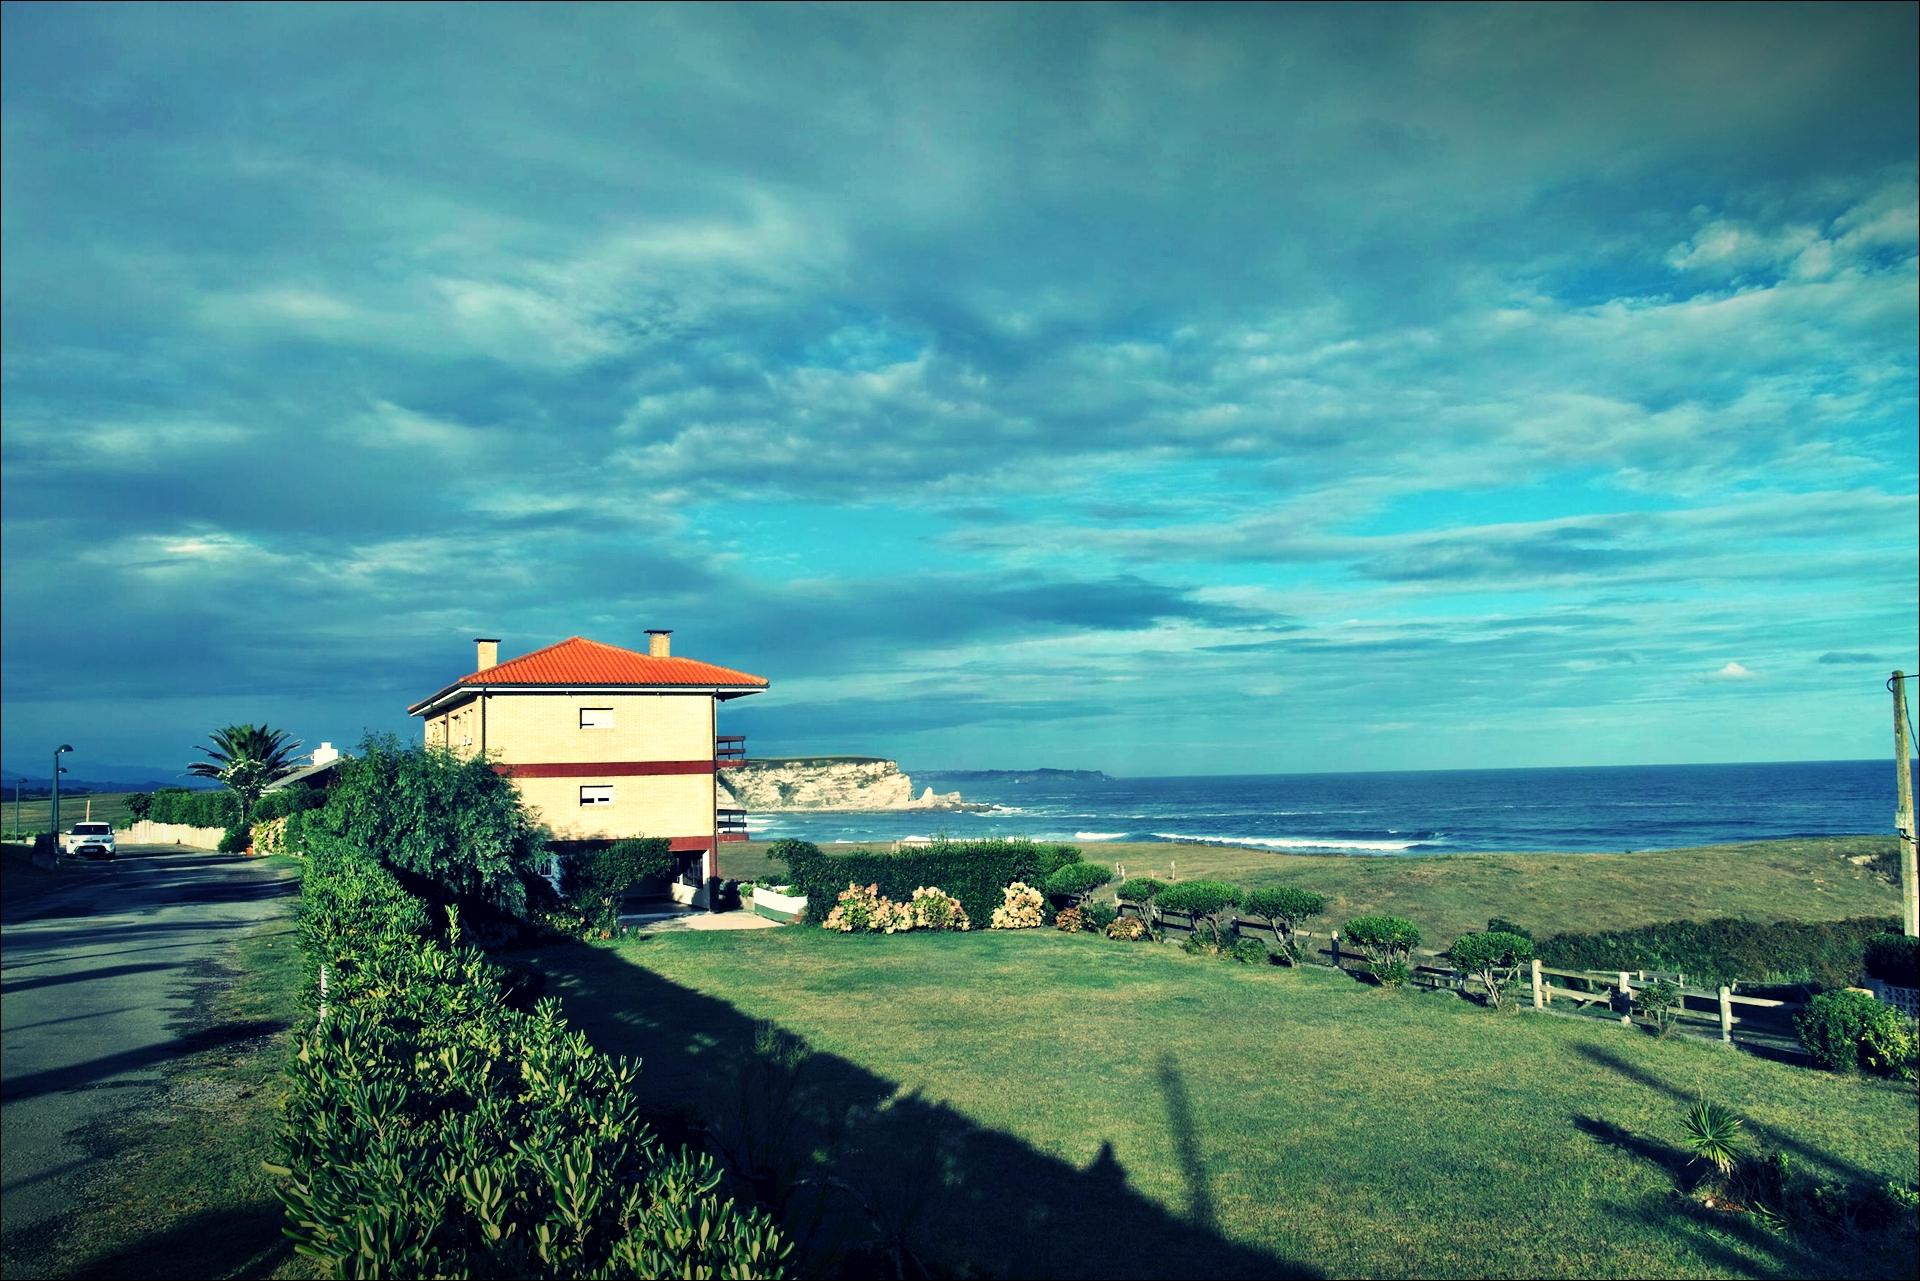 바다 옆 집-'카미노 데 산티아고 북쪽길. 궤메스에서 산탄데르. (Camino del Norte - Güemes to Santander)'